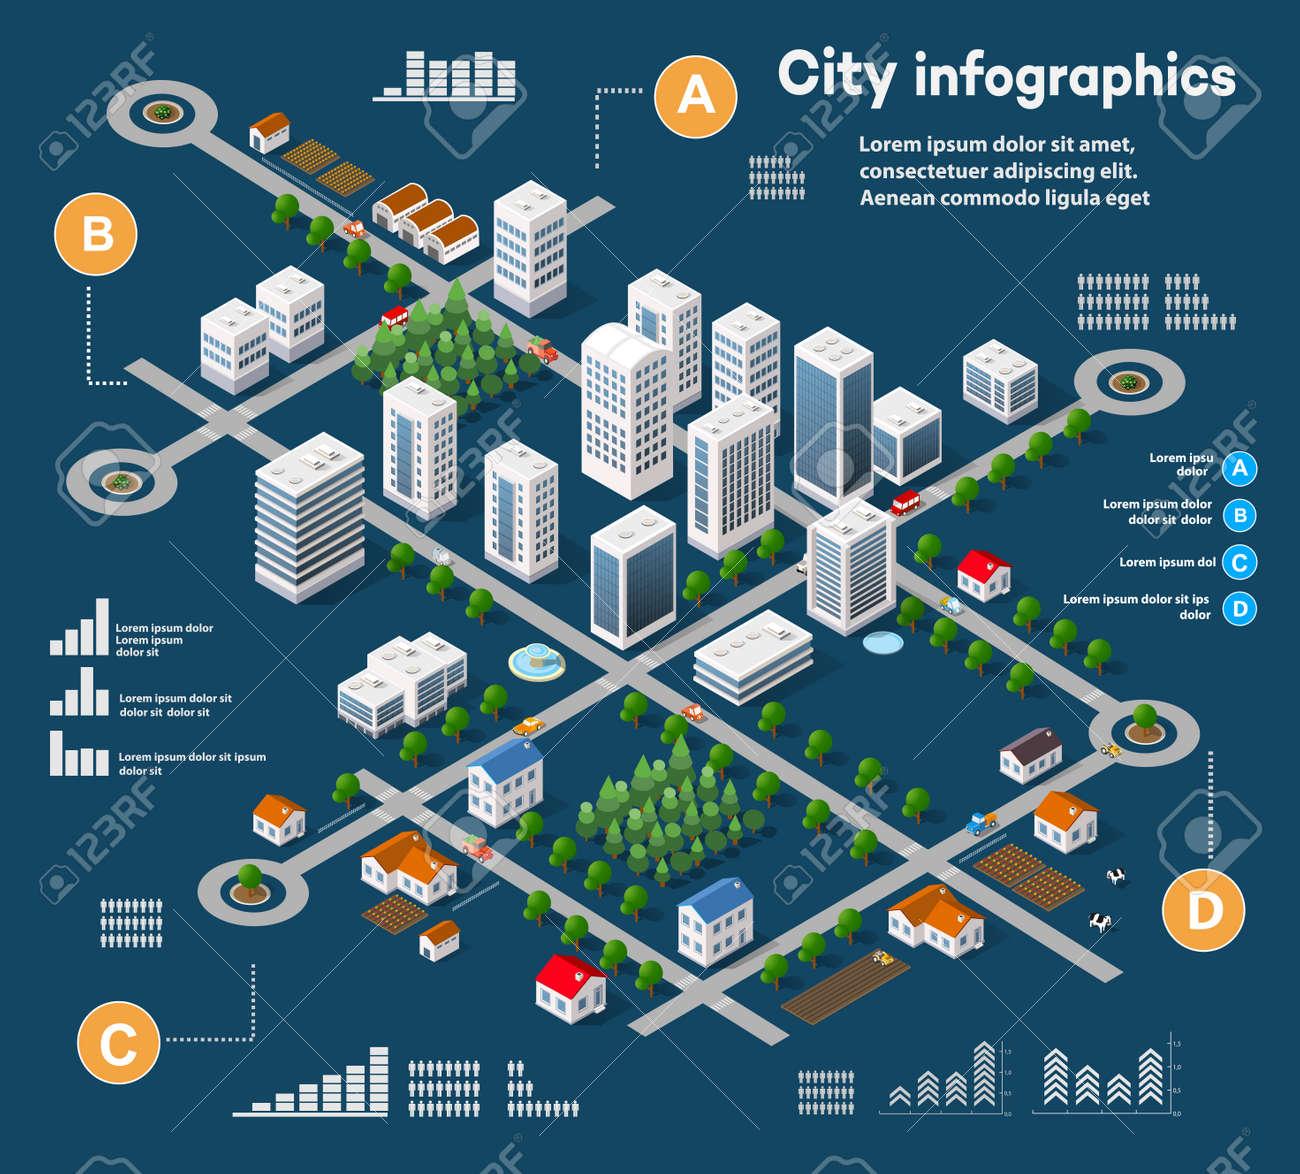 3D isometrico città infografica tridimensionali tra grattacieli, case e negozi con strade e alberi nella zona della città con i grafici e diagrammi concettuali di business Archivio Fotografico - 59888653